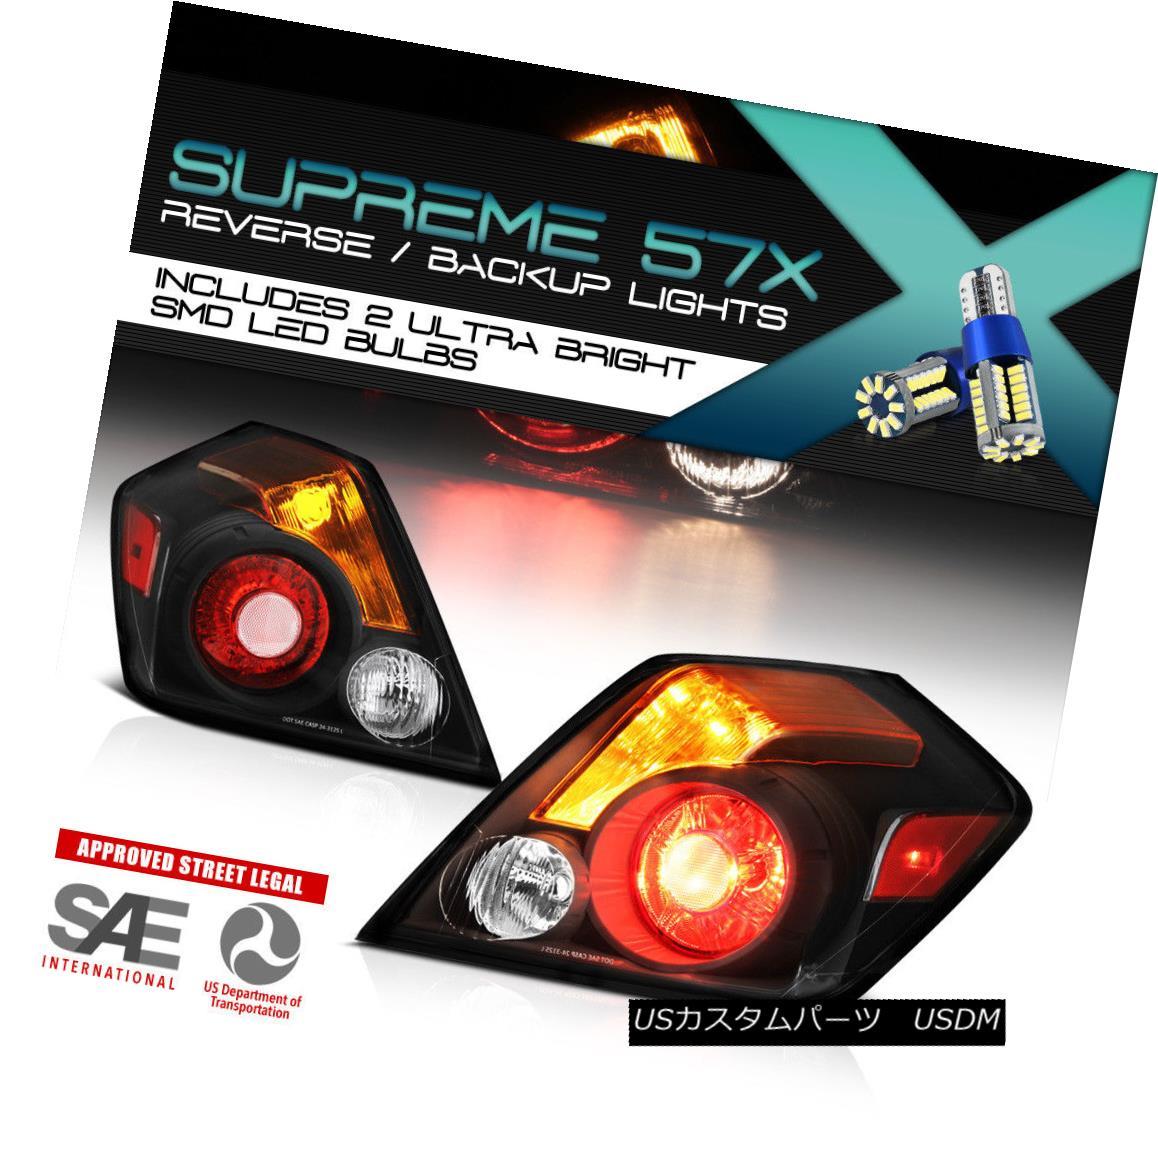 テールライト 360 Degree SMD Backup For Nissan Altima 4D Sedan SE-R 07-09 Taillight Right Left 日産アルティマ4DセダンSE-Rのための360度SMDバックアップ07-09ティアライト右左